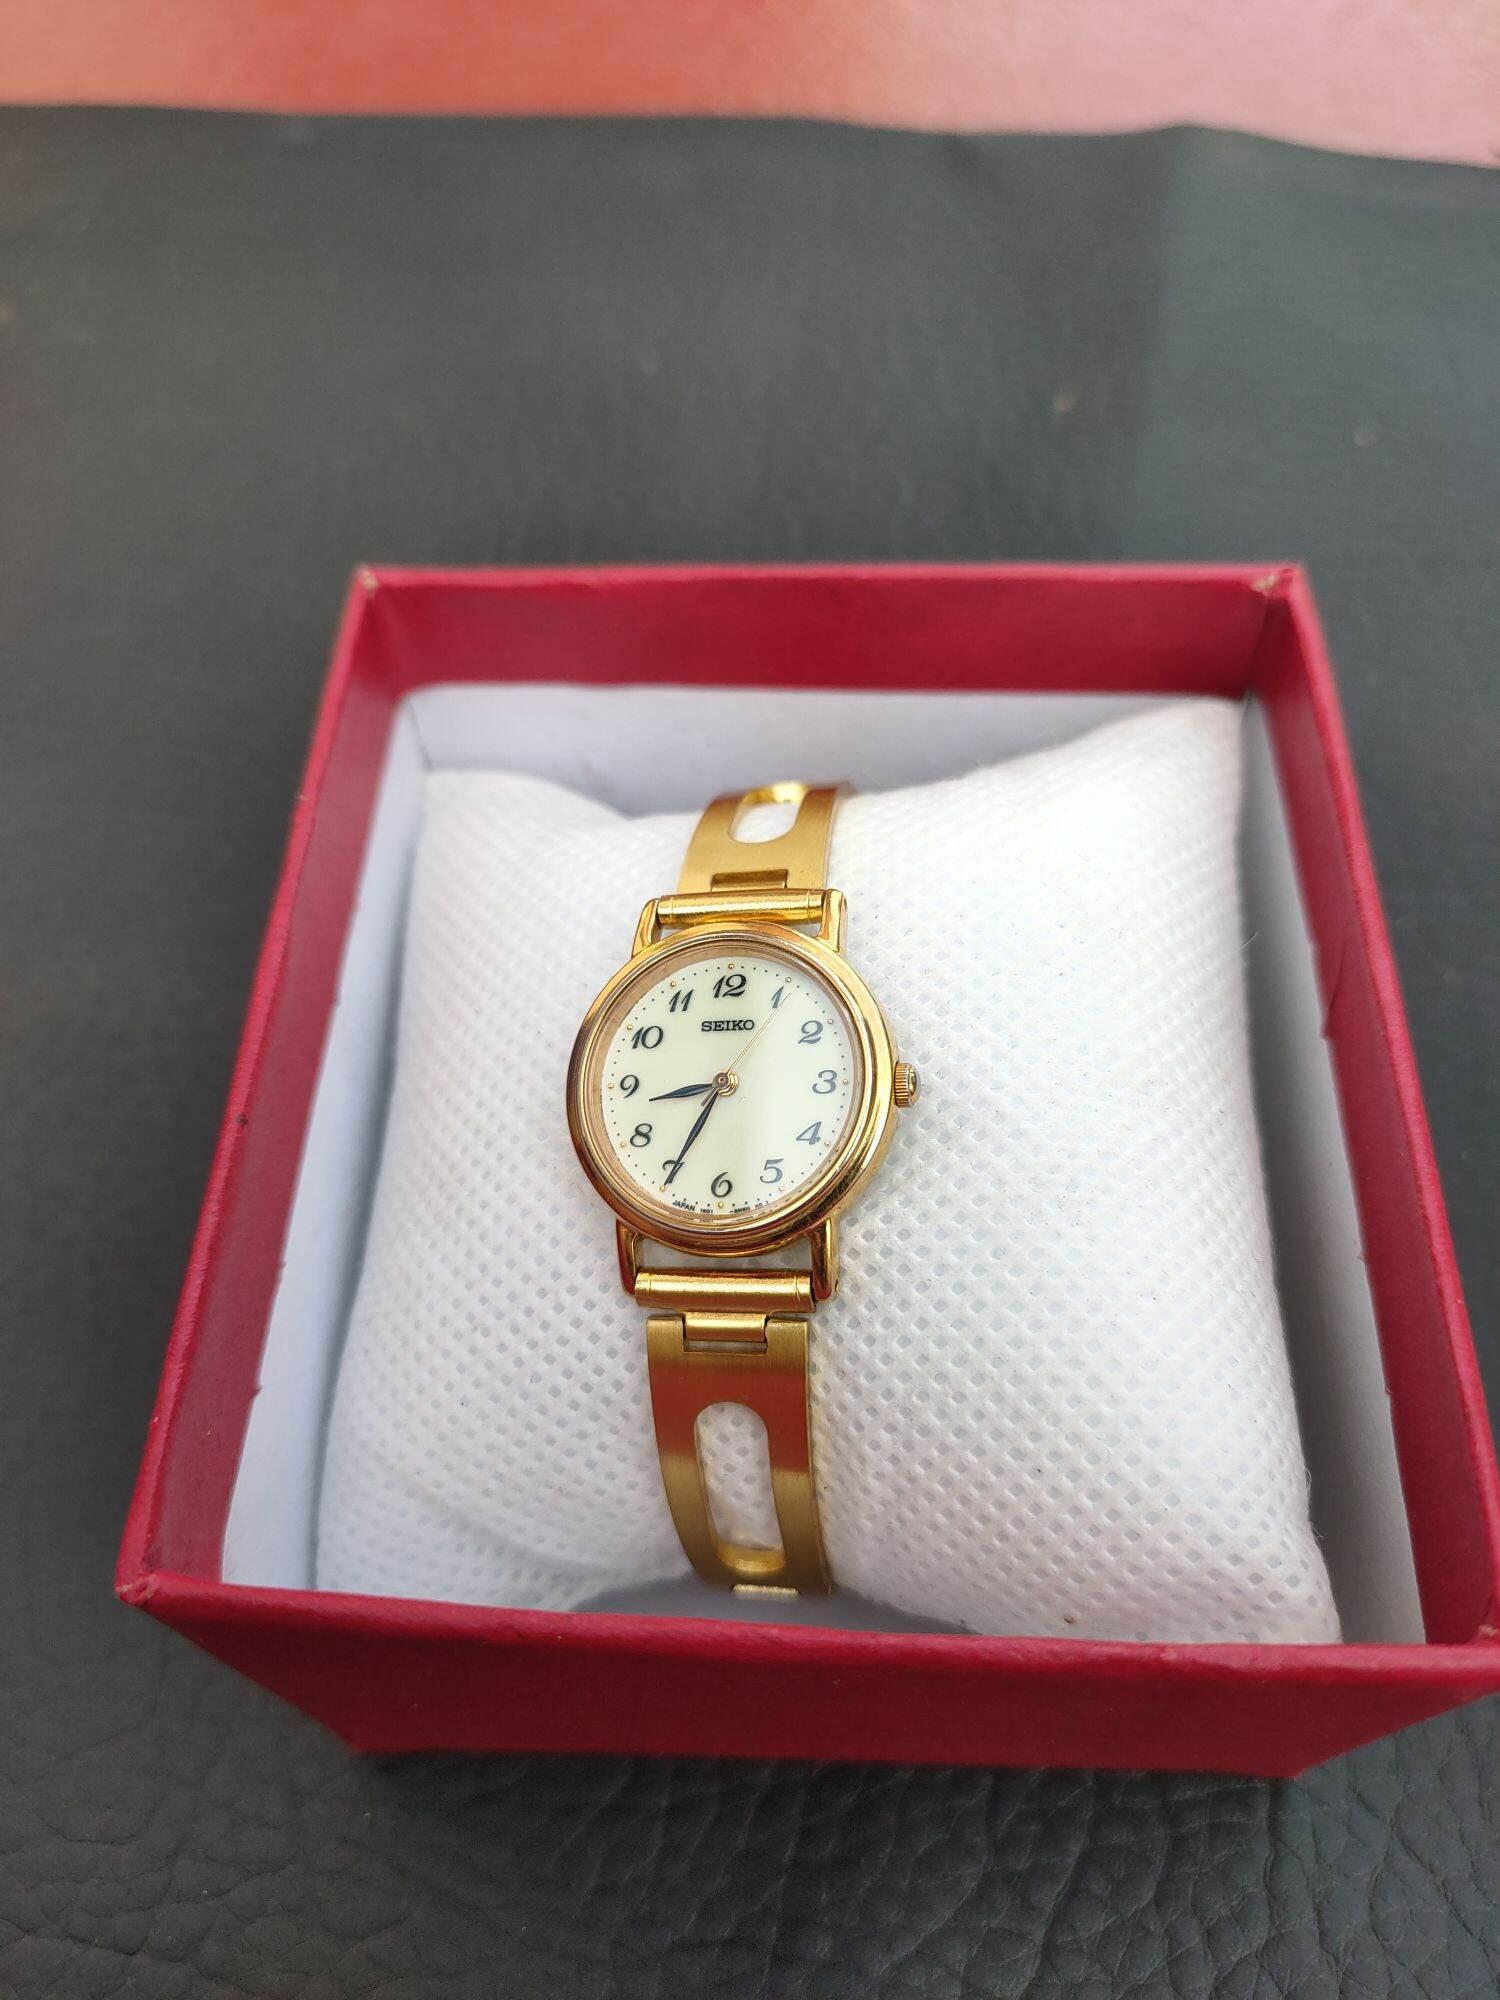 Đồng hồ seiko nữ vàng toàn thân, mặt phản quang cả mặt số, size mặt 23mm, dây vàng, hình thức 98%